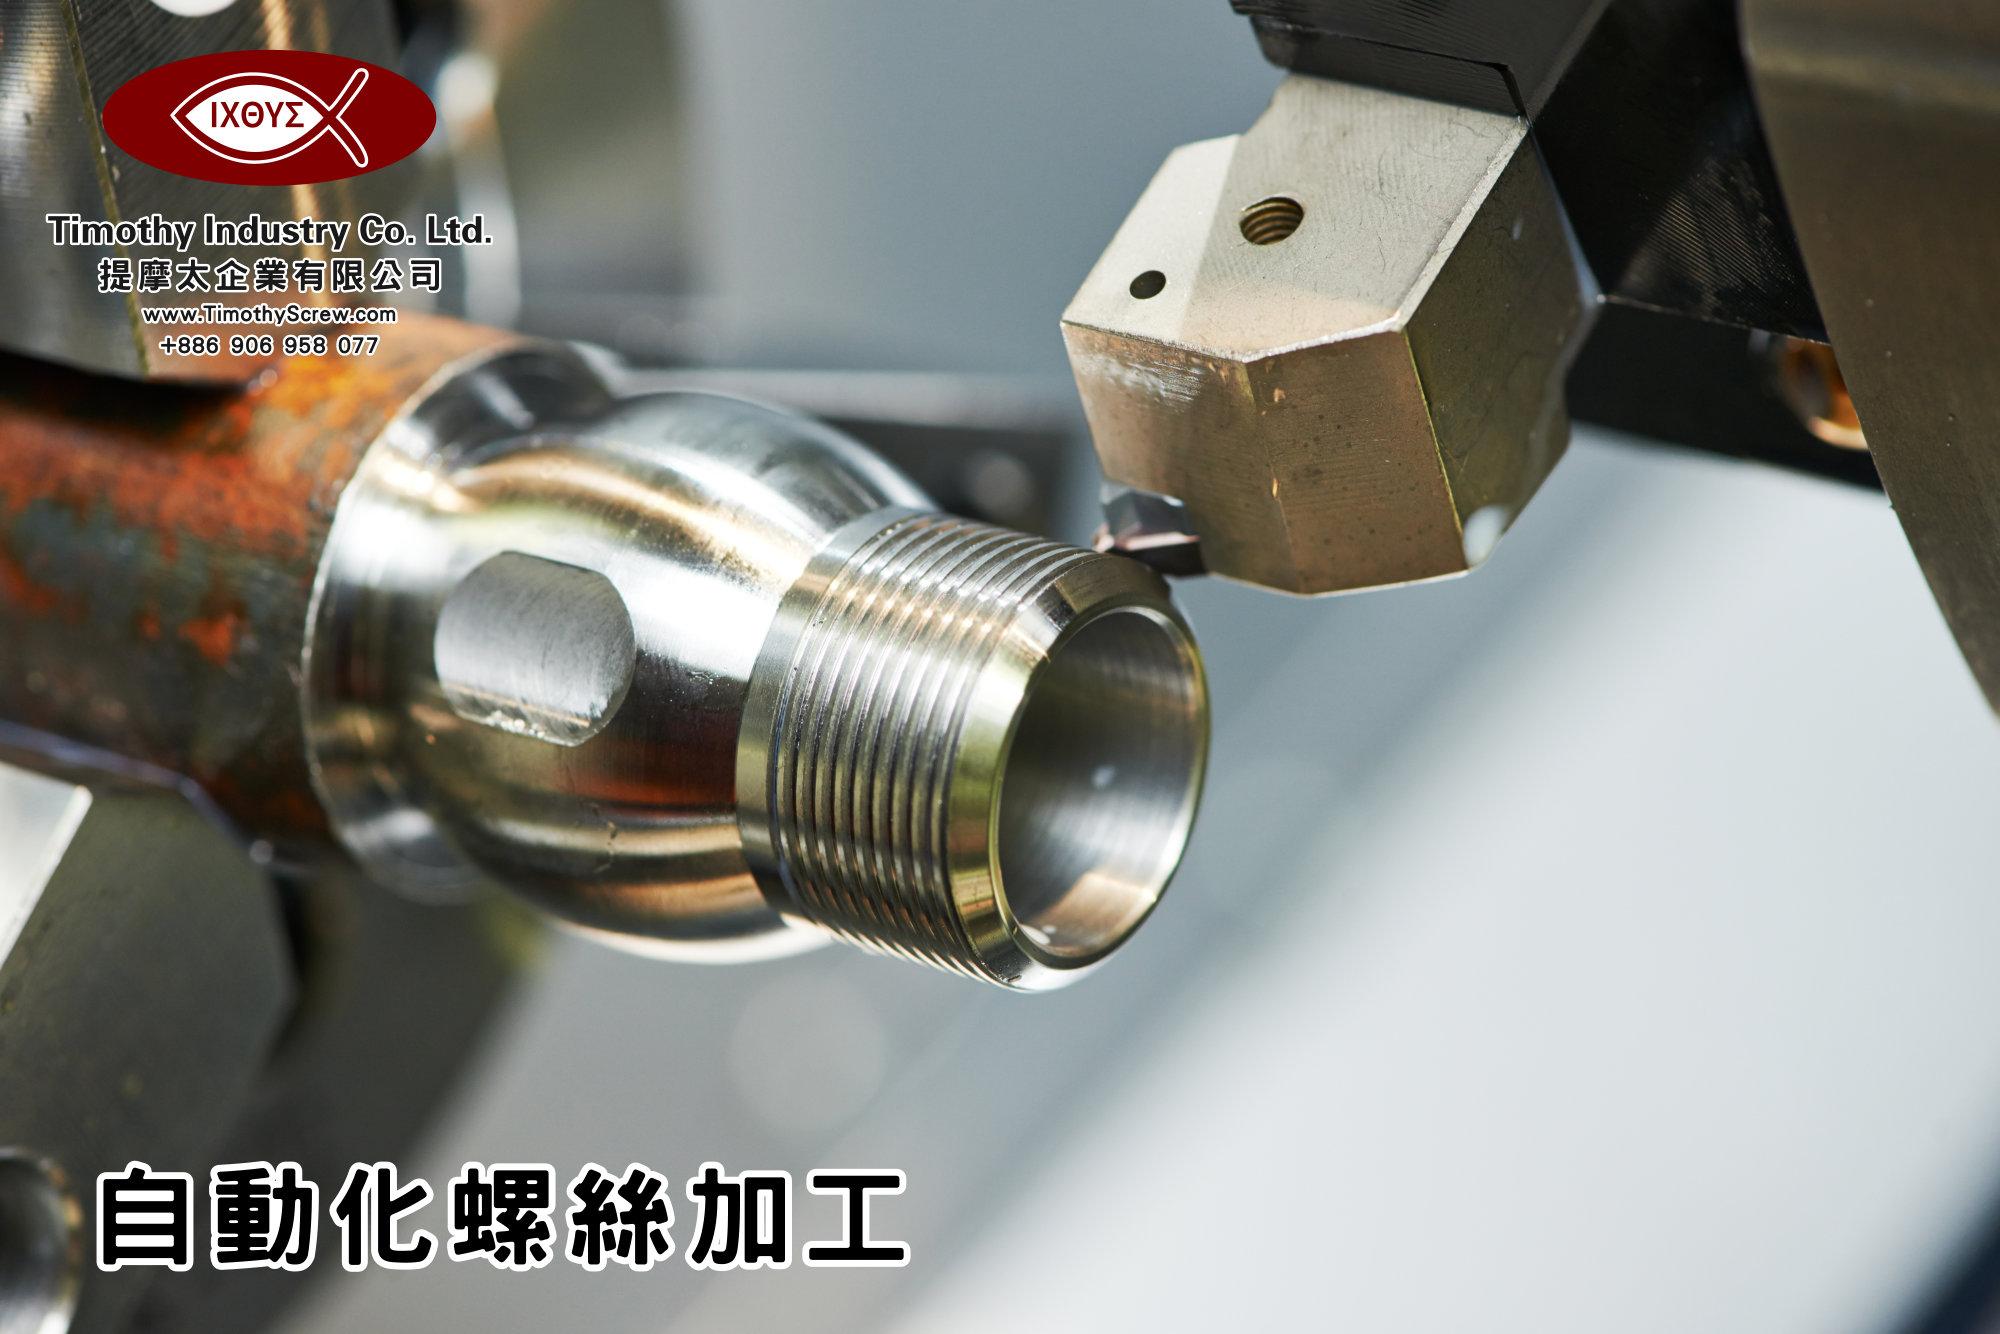 提摩太企業有限公司 Timothy Industry Co Ltd 自動化螺絲加工 車床部 銑床部 台灣自動化螺絲加工 螺絲製造 A21